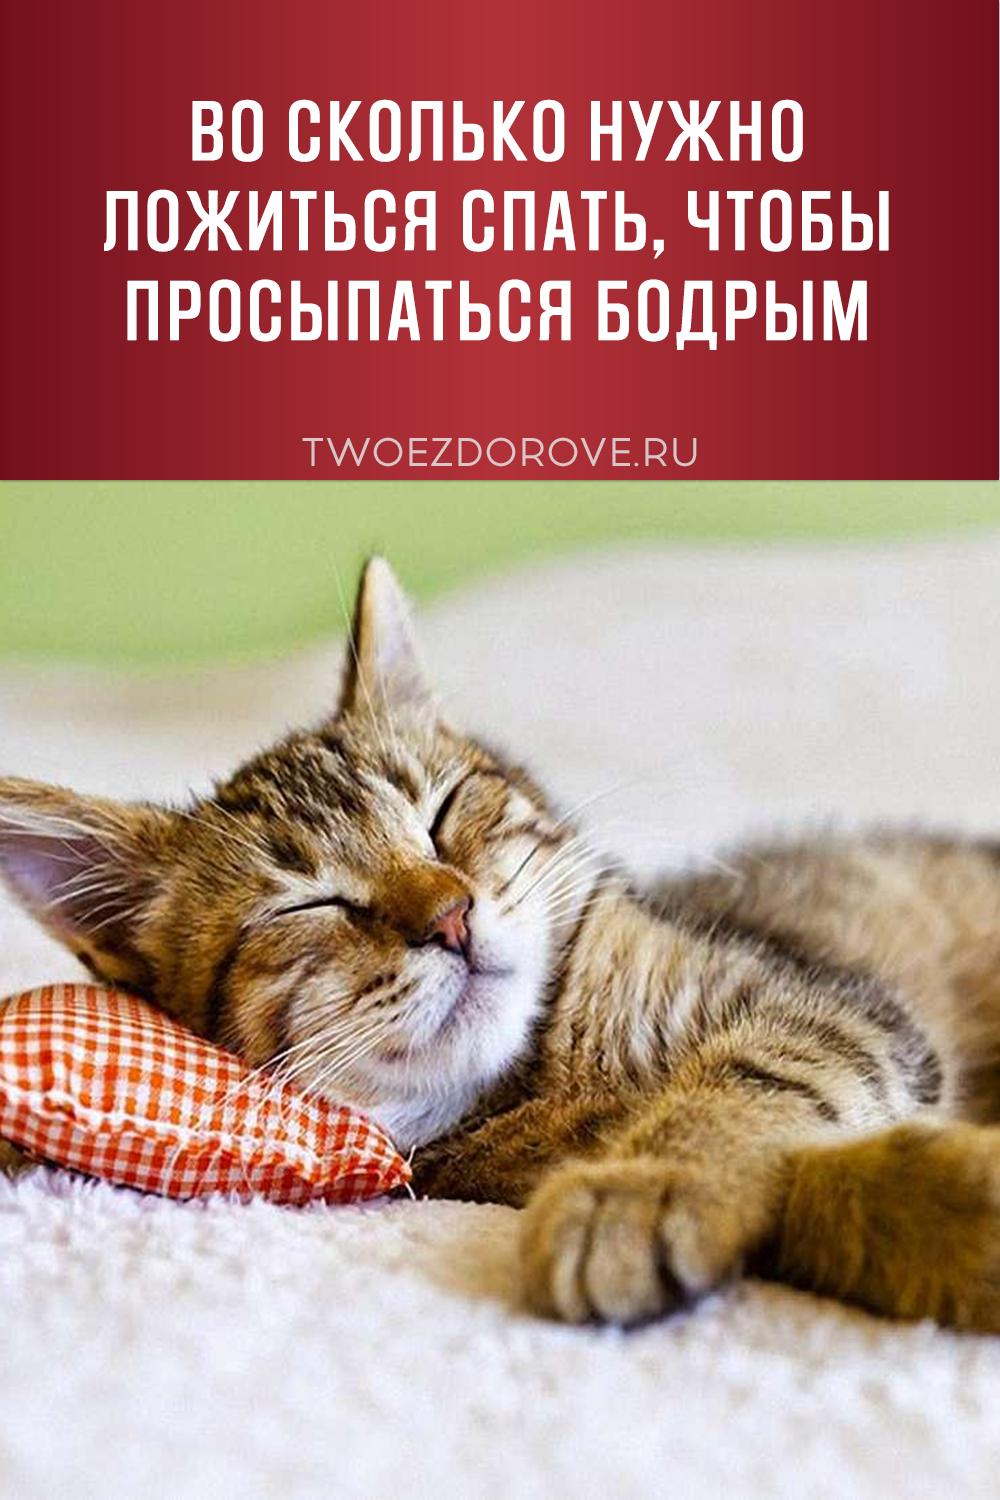 Во сколько нужно ложиться спать, чтобы просыпаться бодрым